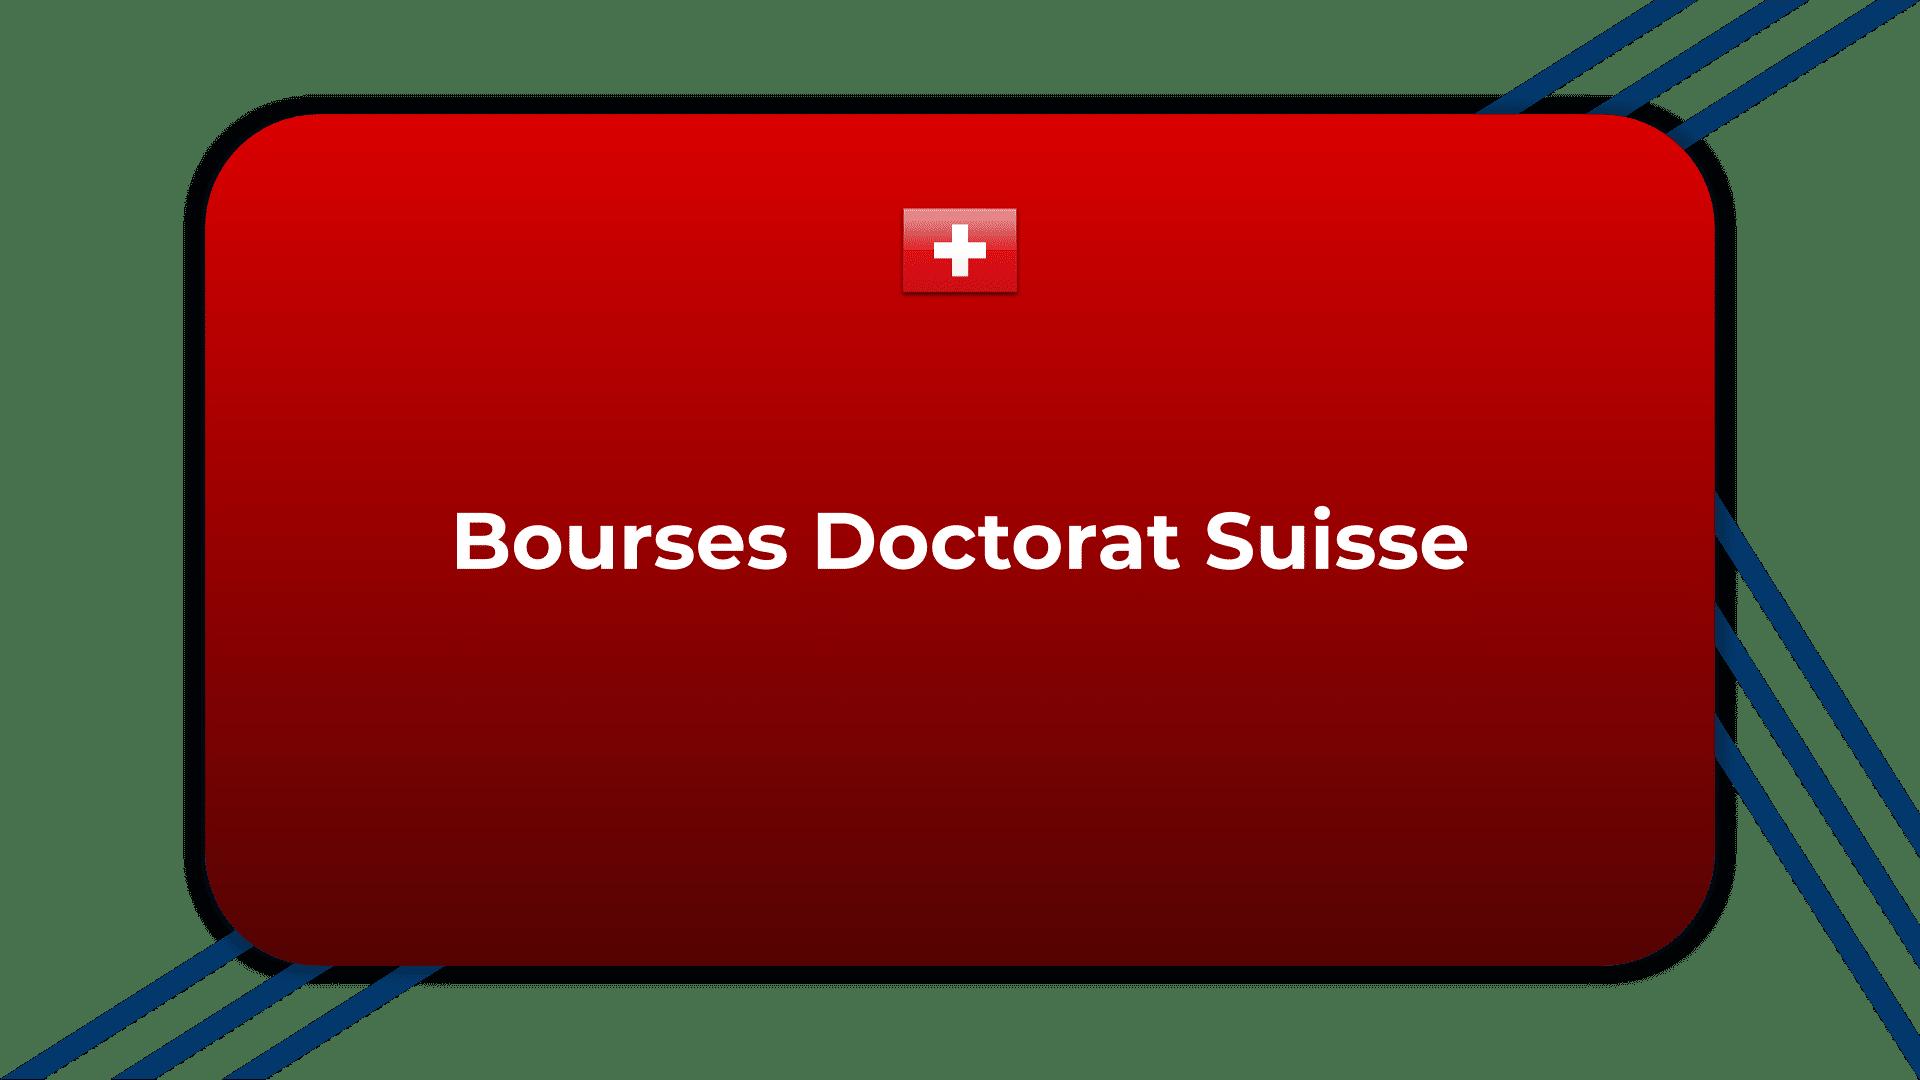 Bourses Doctorat Suisse